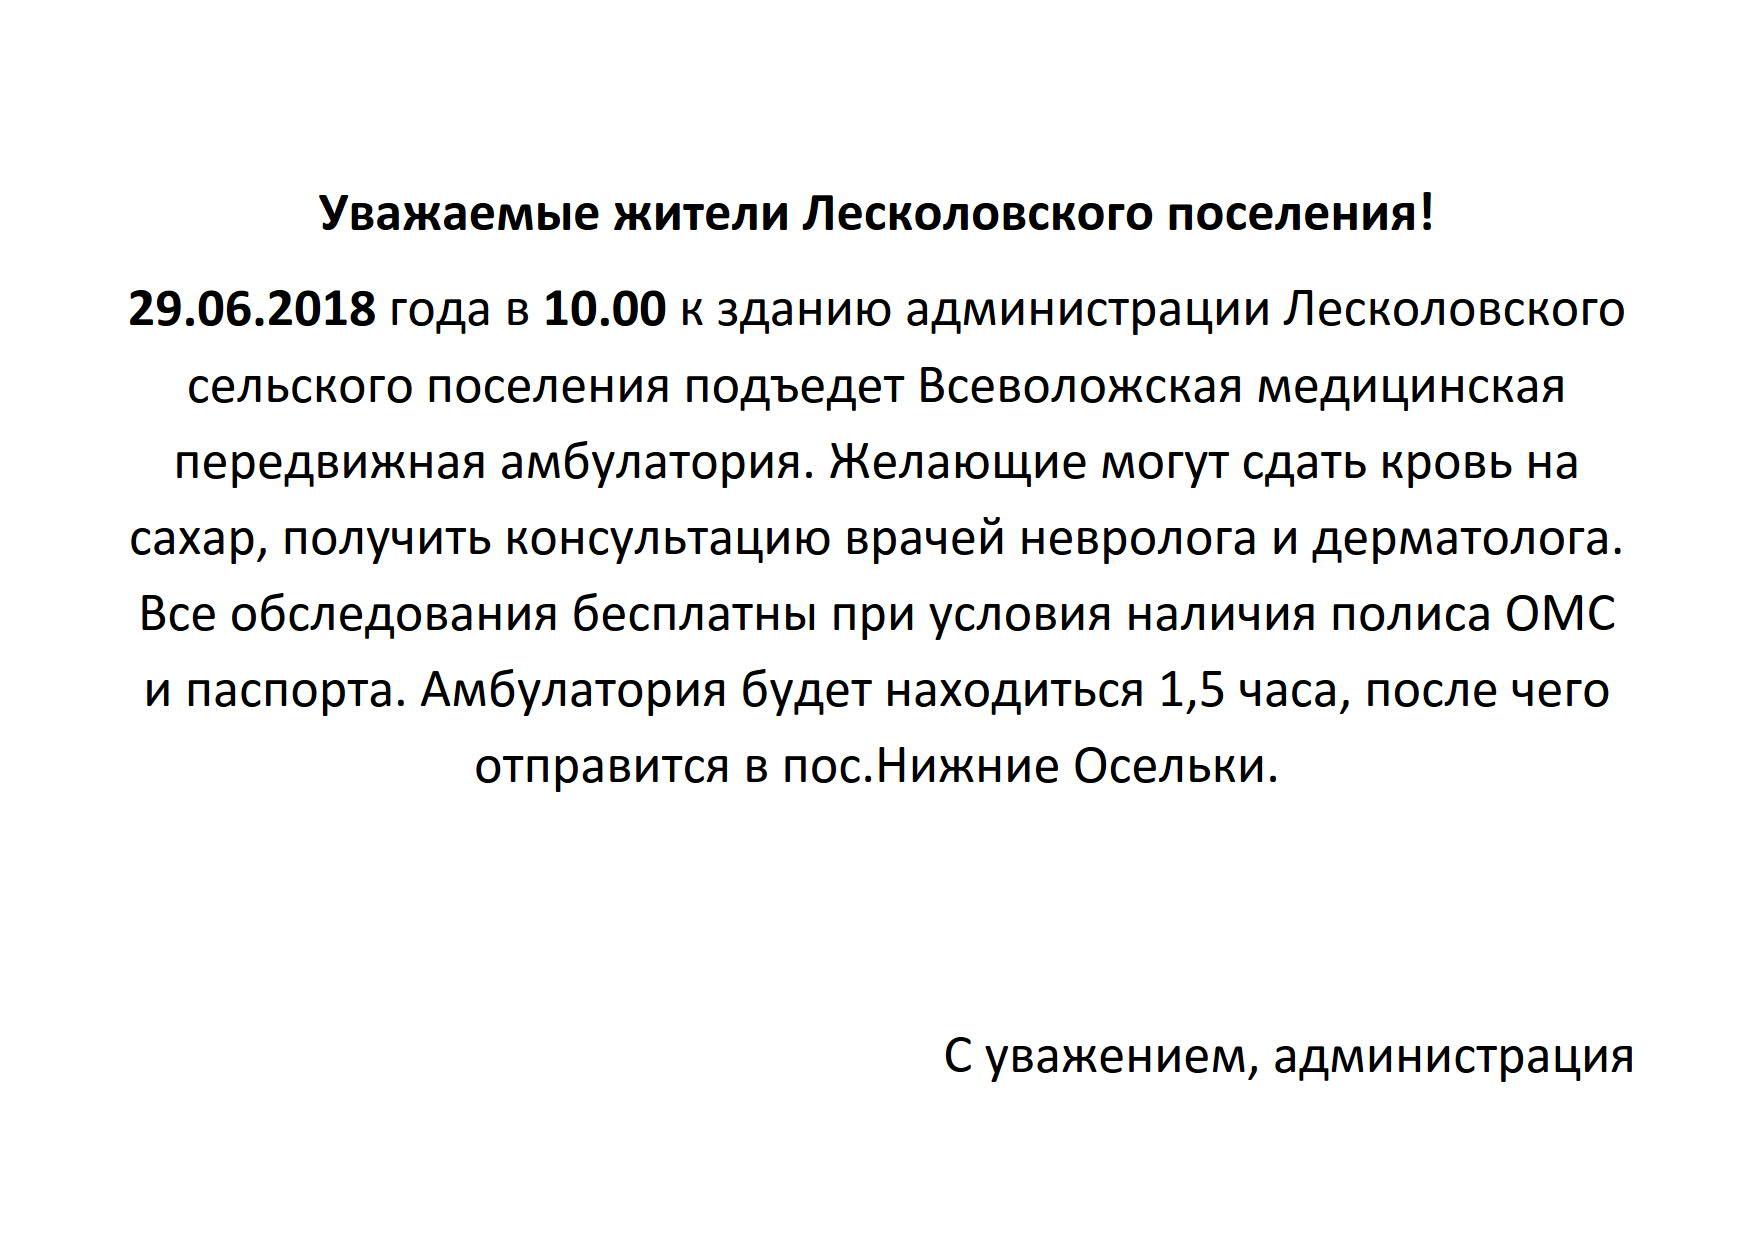 Объявление об выездной амбулатории_1